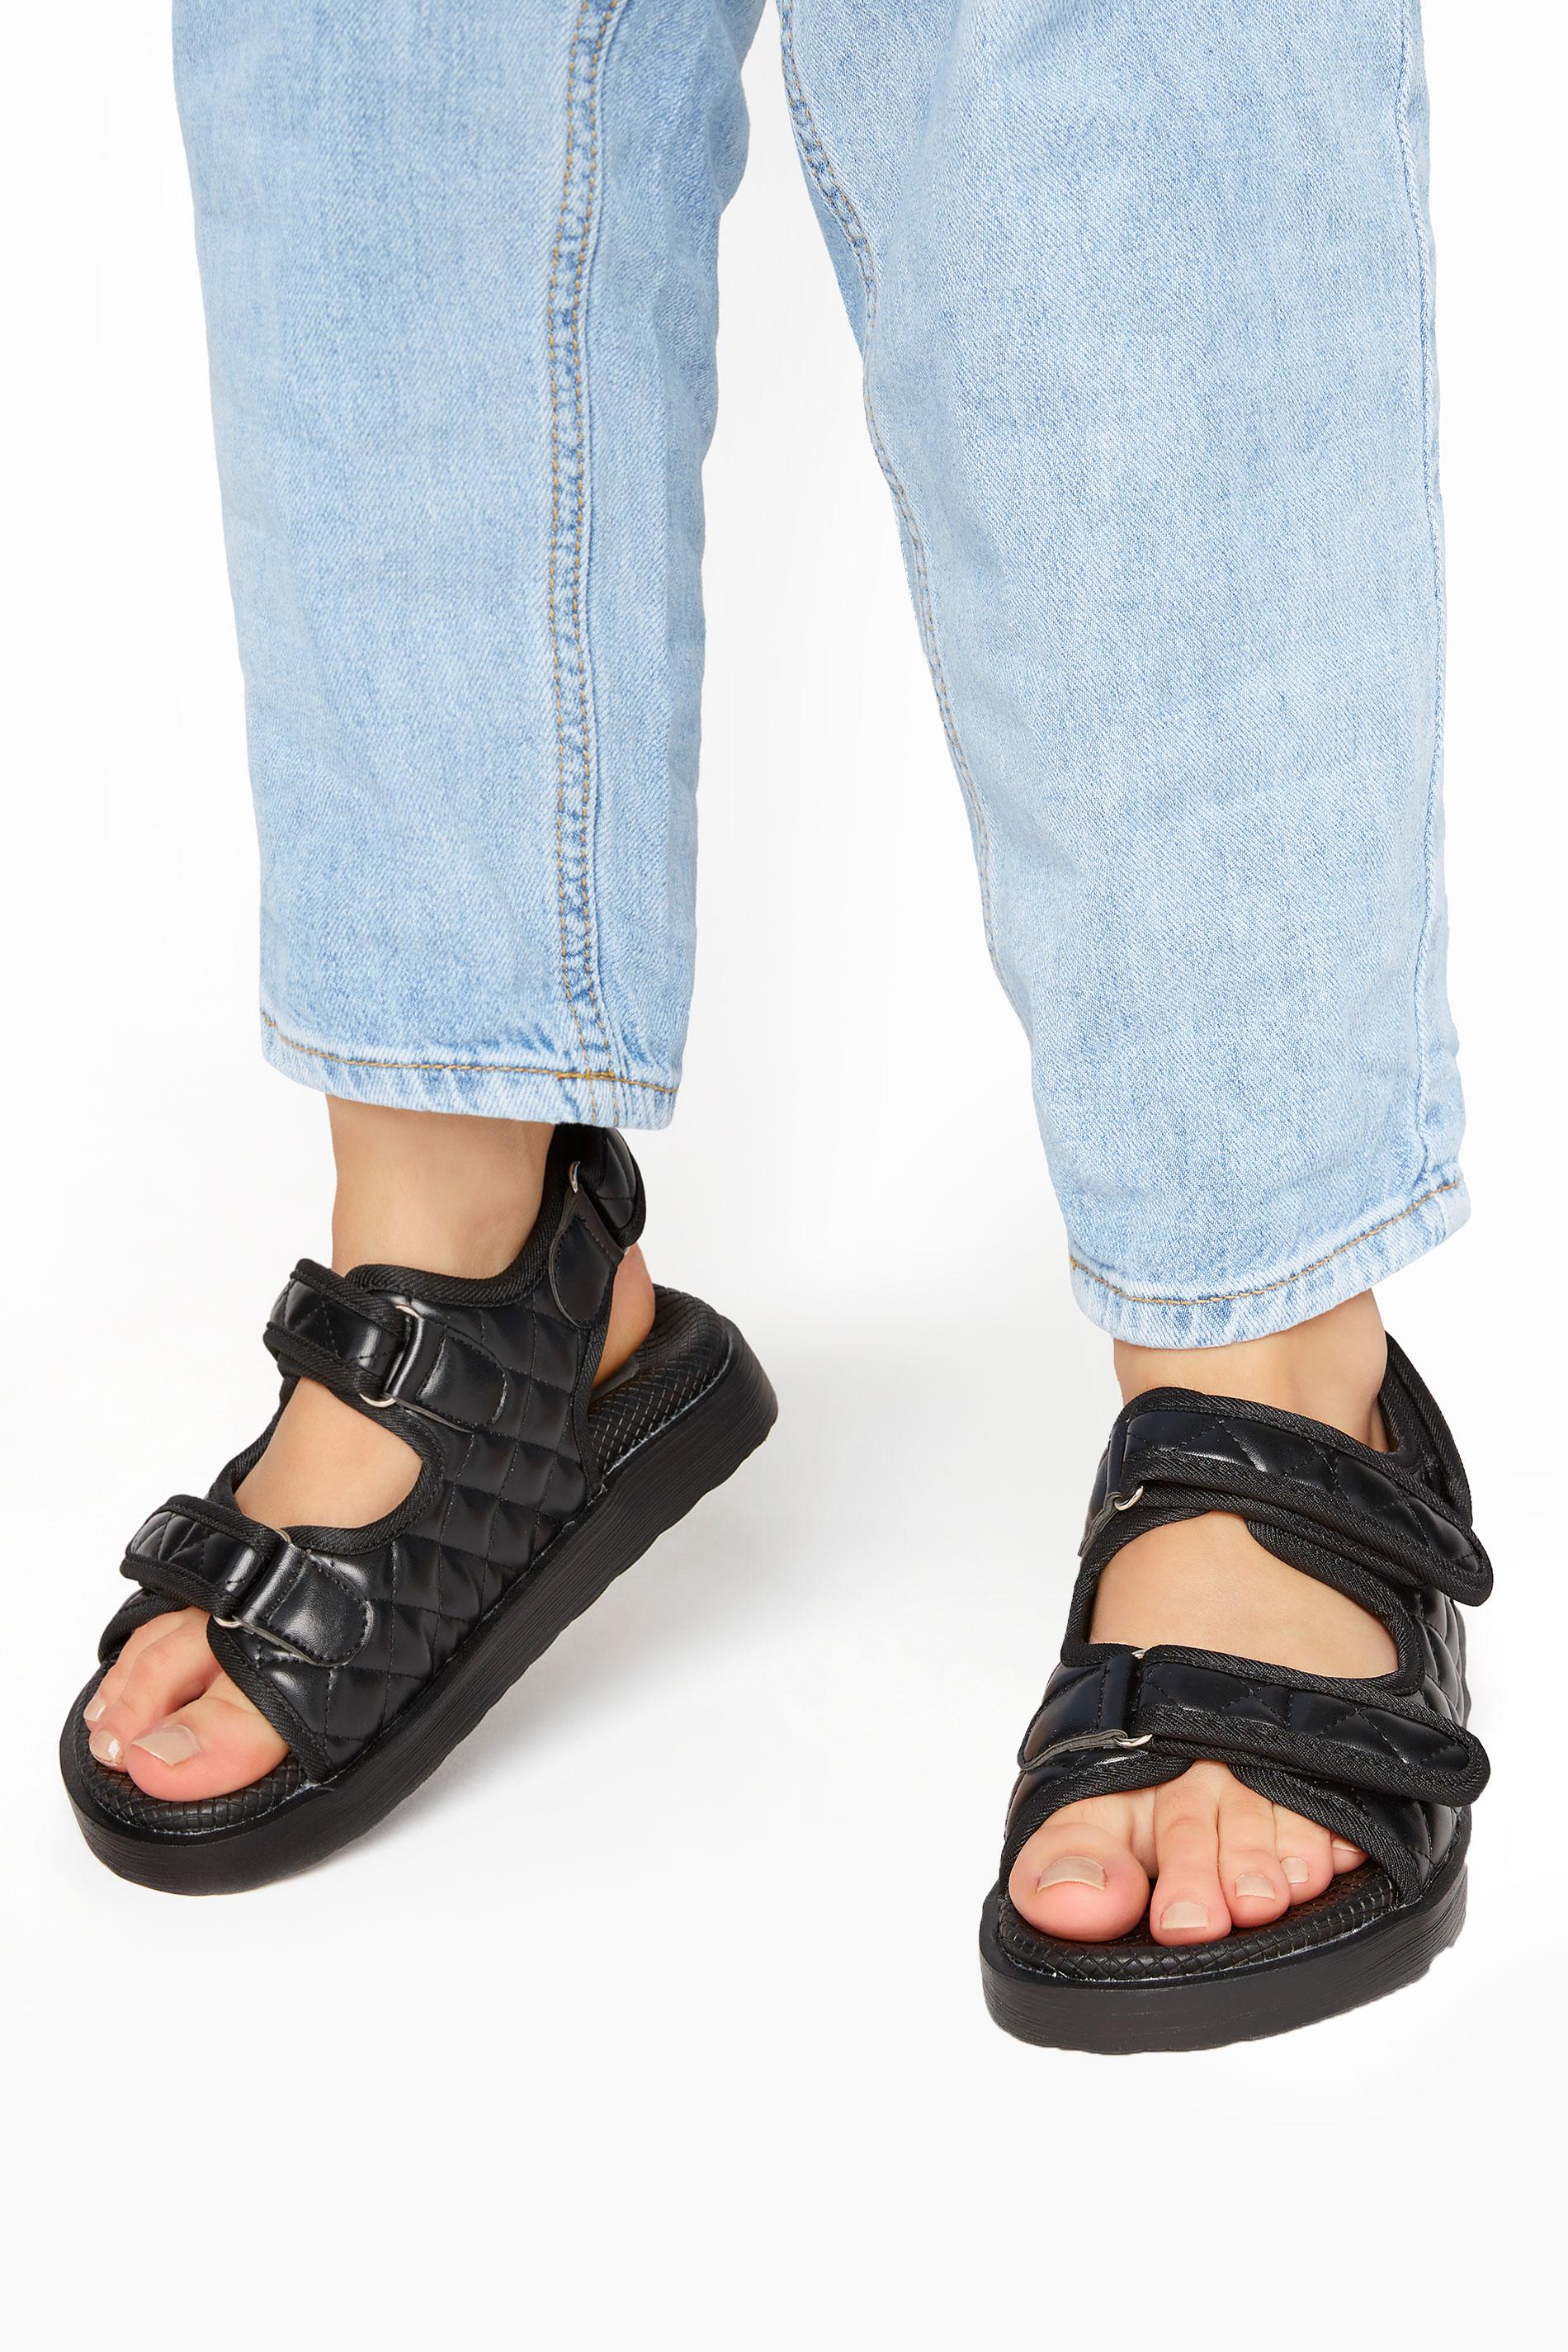 Black Quilted Velcro Sandal_M.jpg